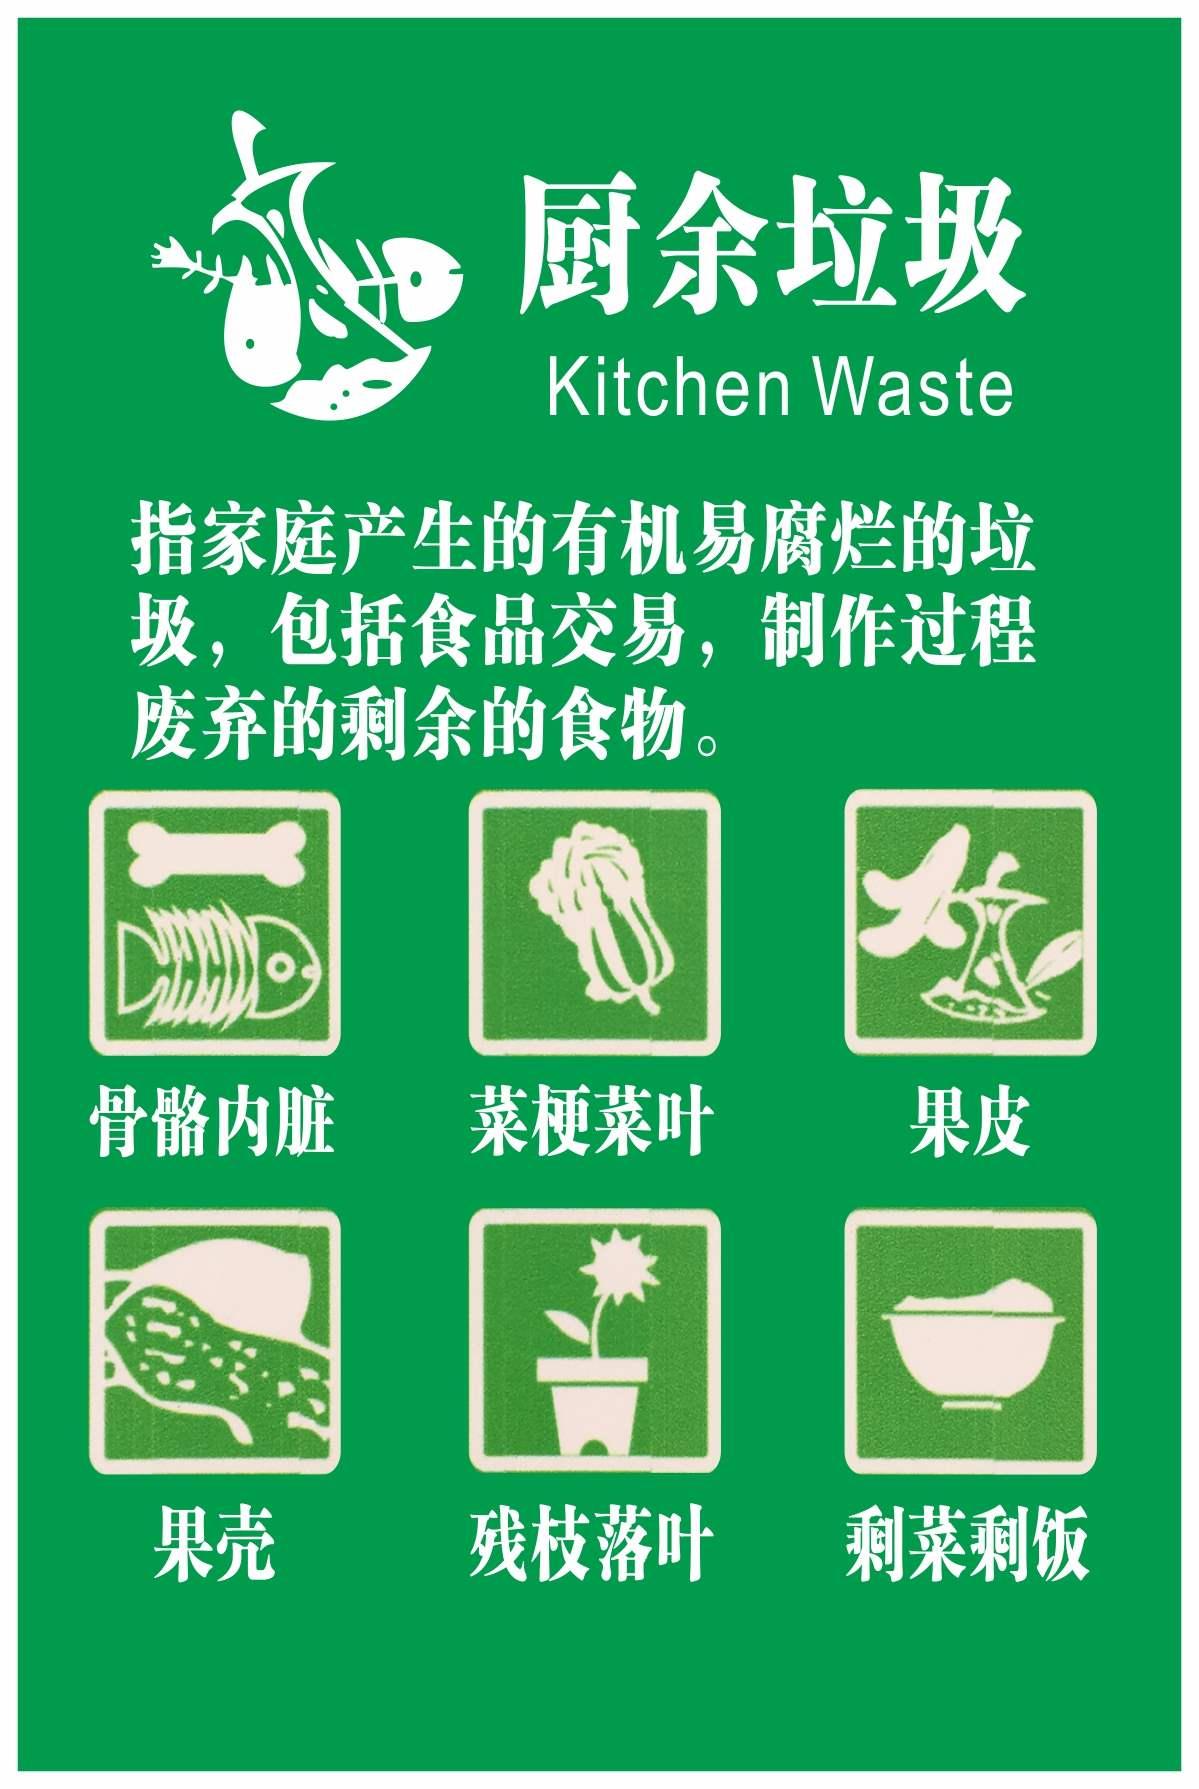 新版干湿垃圾分类桶分类贴不可回收物其他有害四色垃圾墙贴纸标志